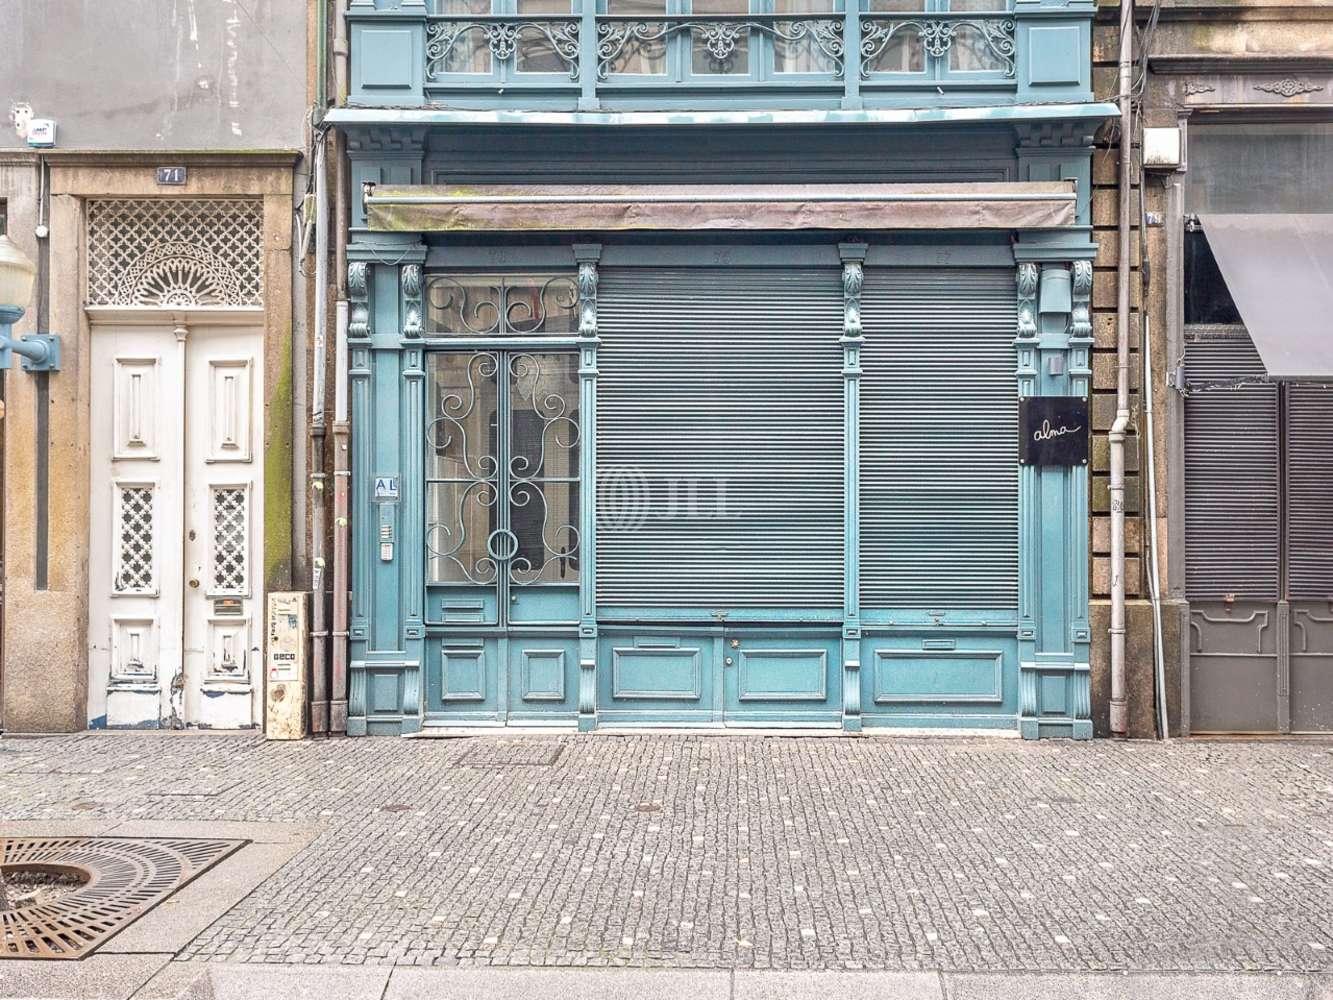 Loja Porto,  - Bar, totalmente equipado e remodelado, nas Galerias de Paris